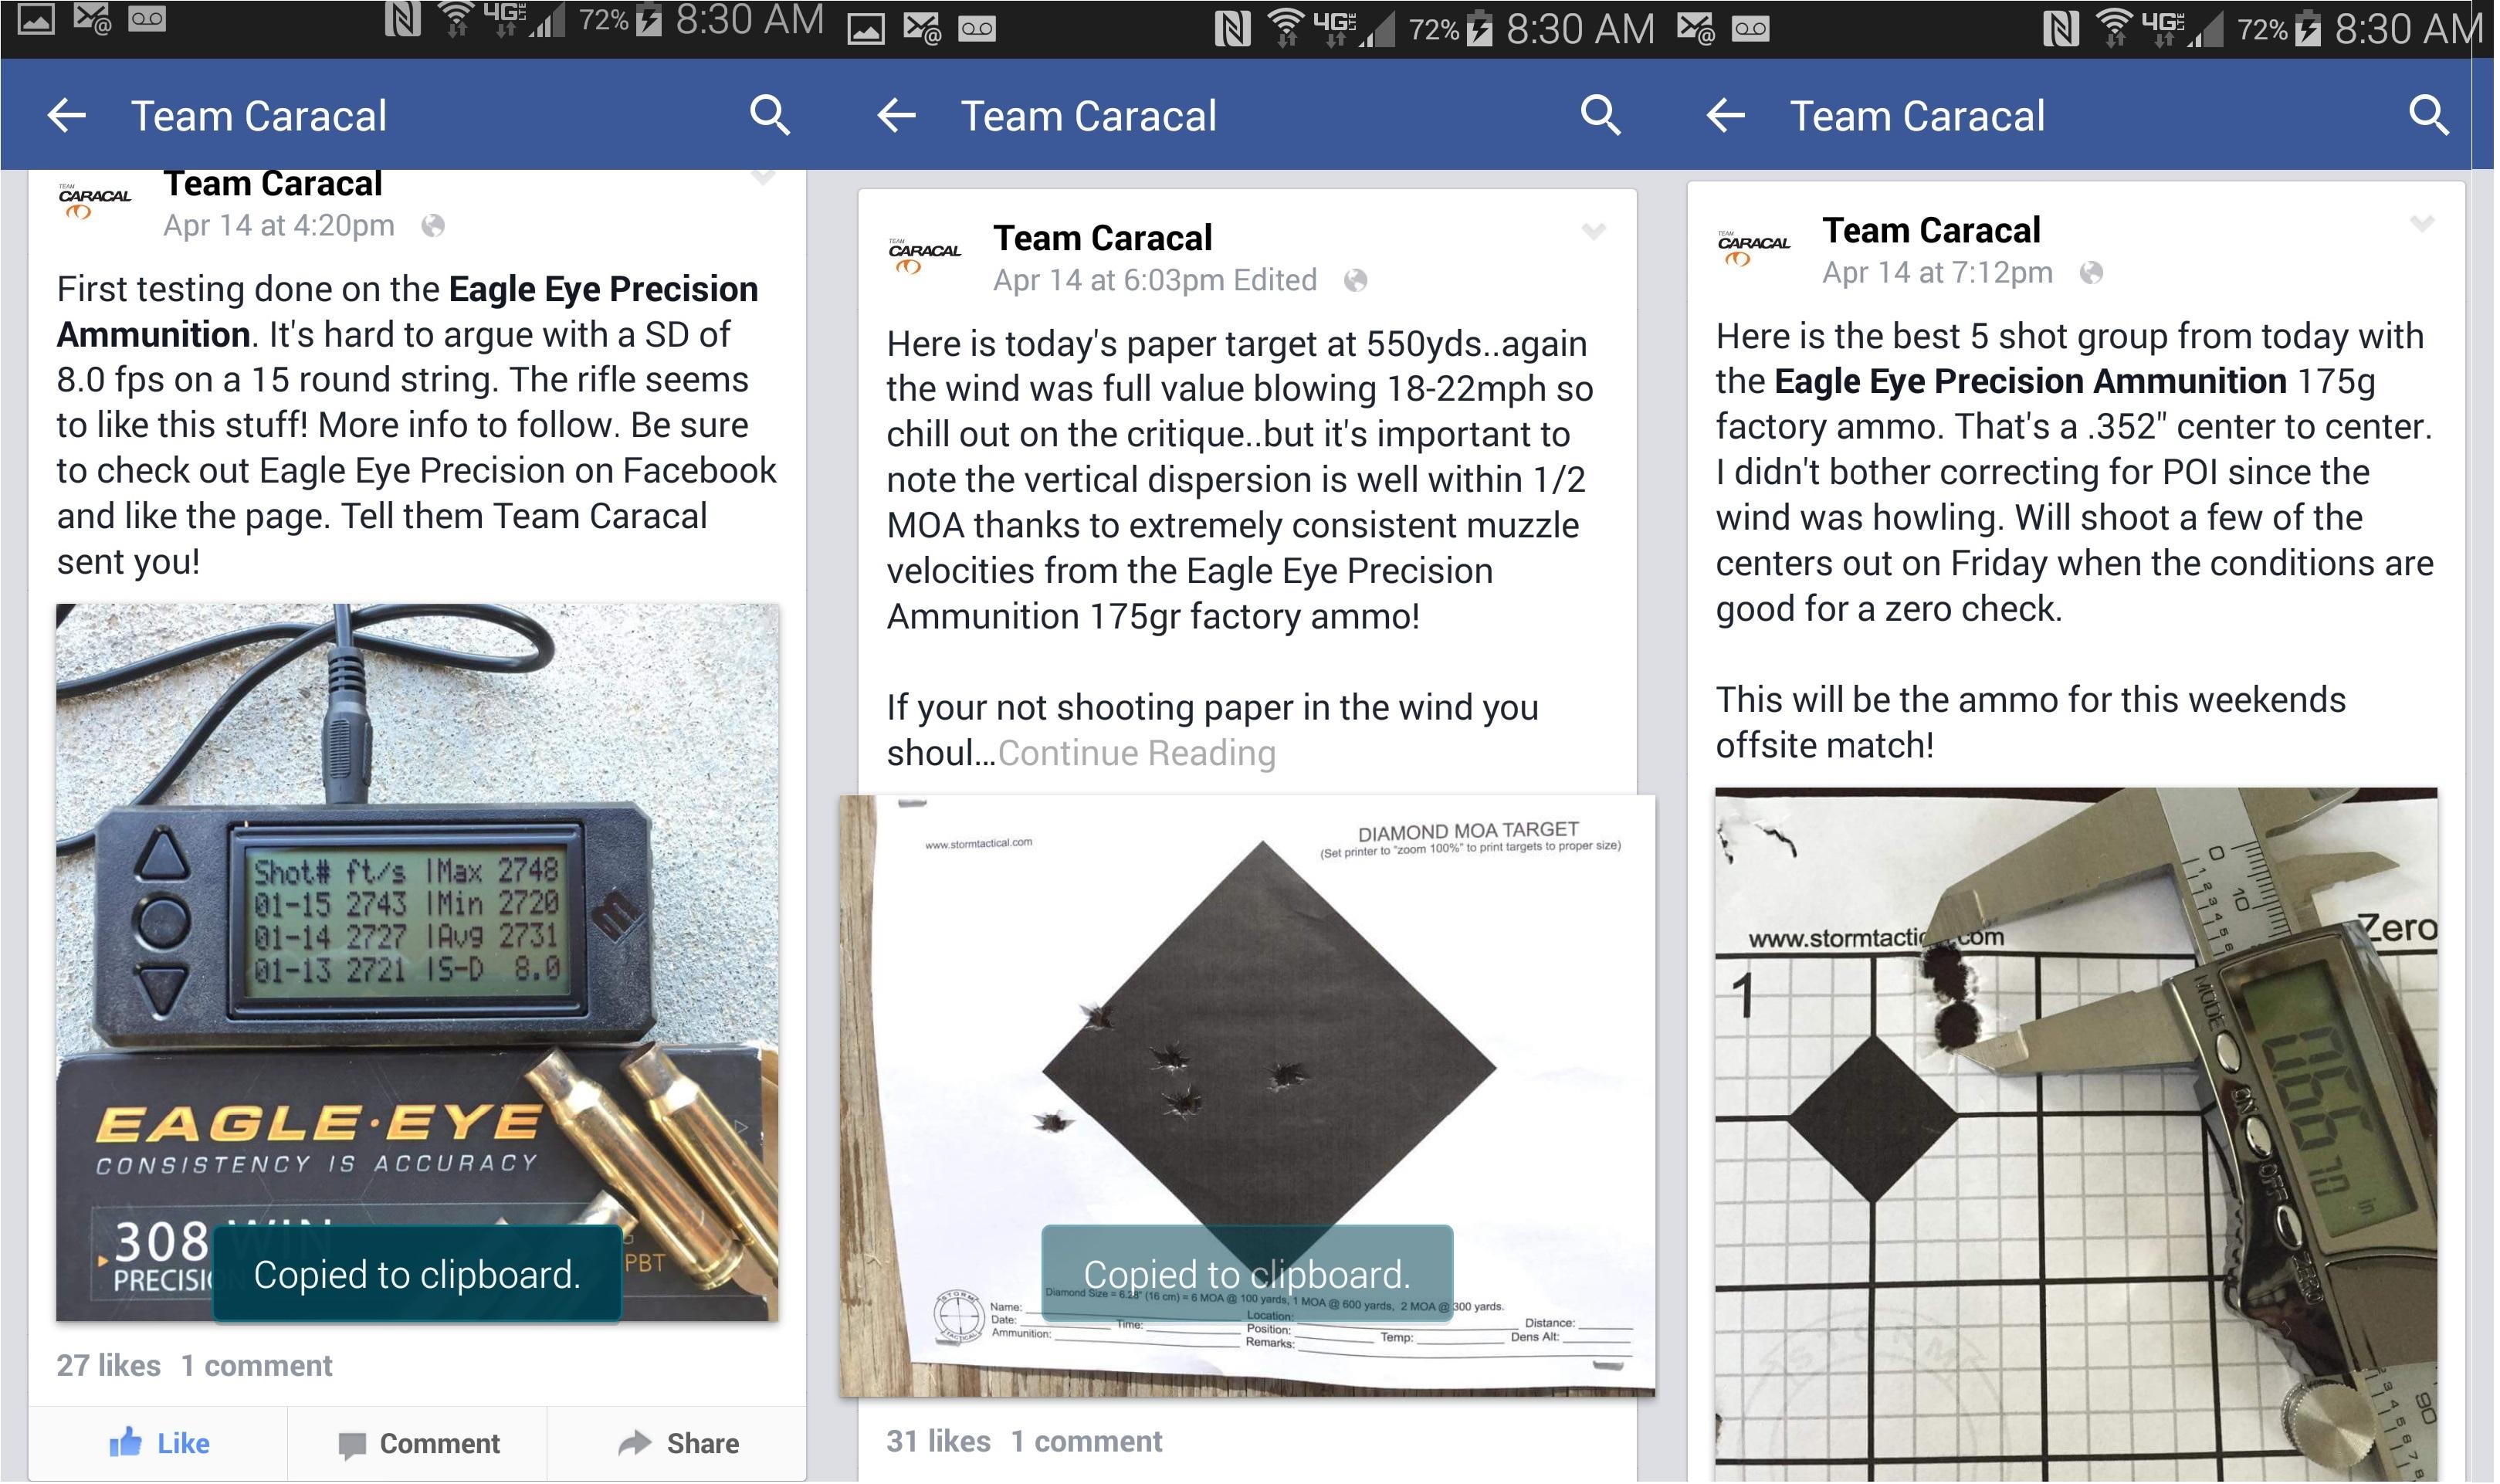 team-caracal-testing-crop.jpg